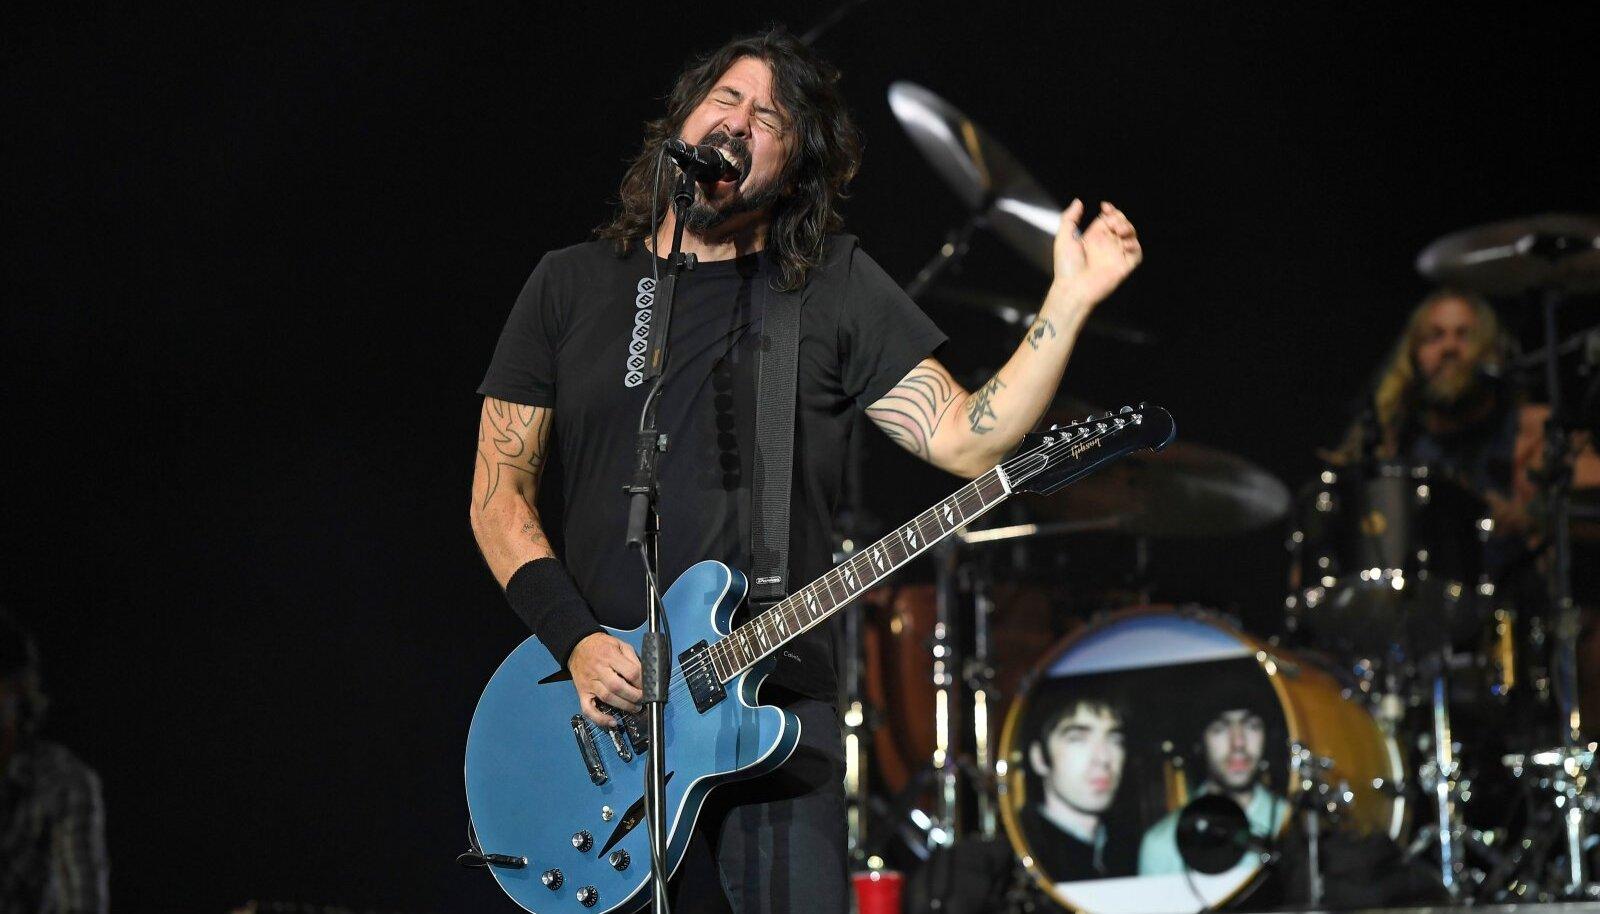 Dave Grohl ja Foo Fighters ei astu ühtegi sammu tumeduse, metsikuse ja ohtlikkuse suunas. Sinna kaose ja dionüüsialiku energia poole, kust rokk on välja kasvanud.